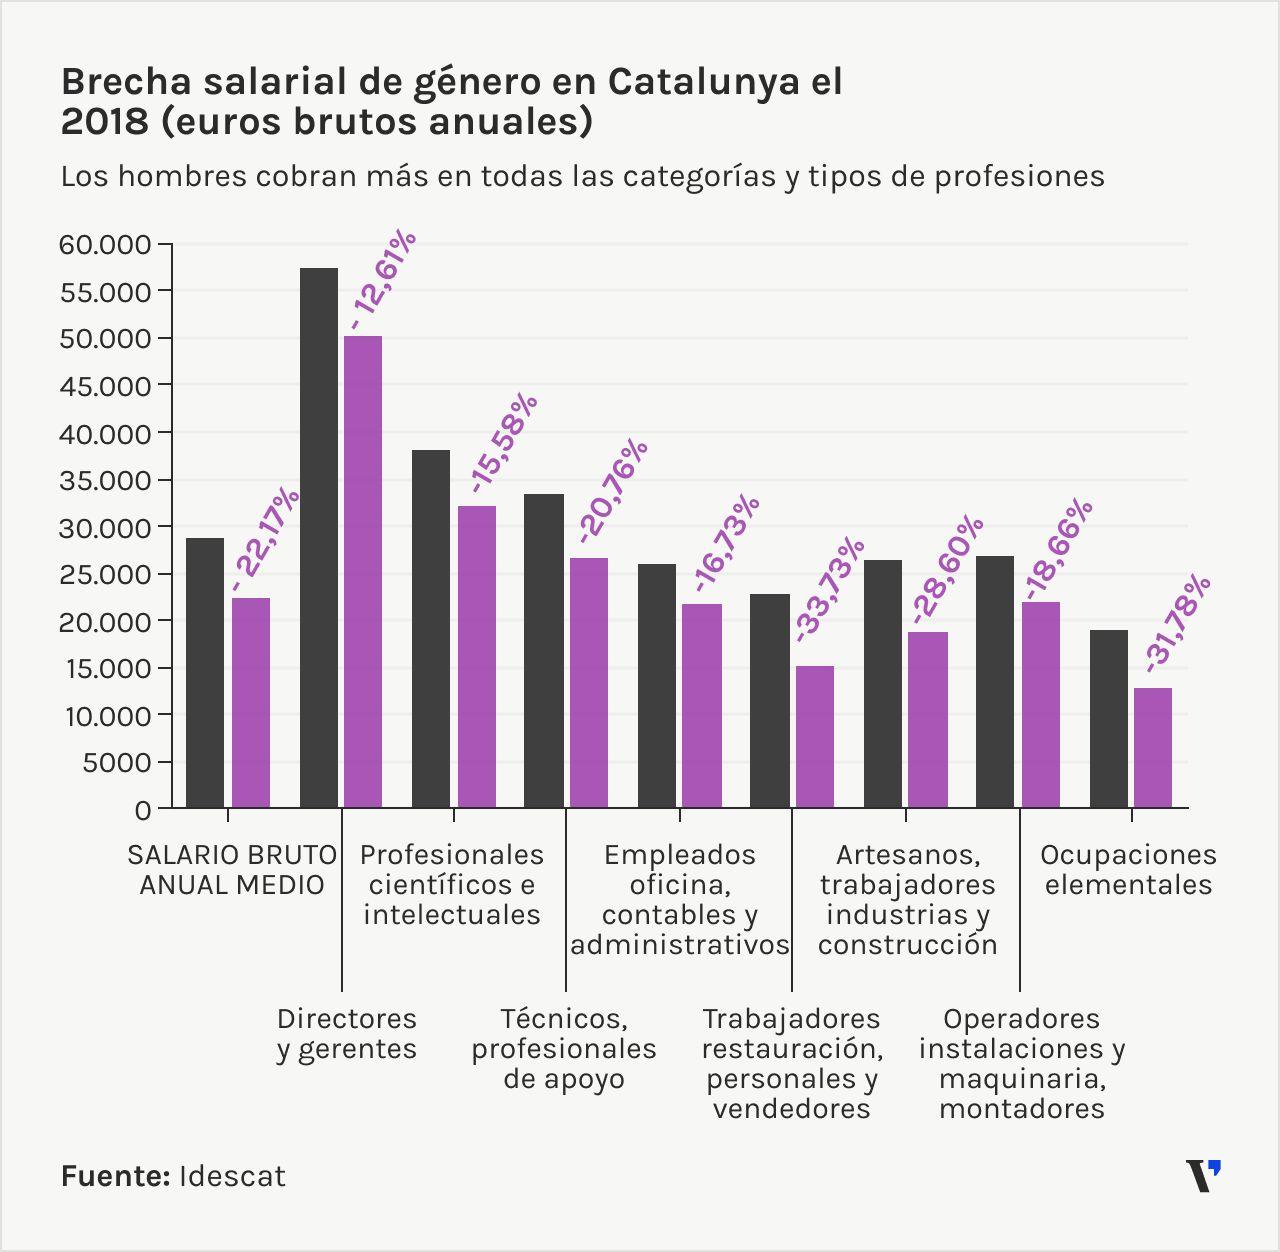 Brecha salarial en Catalunya